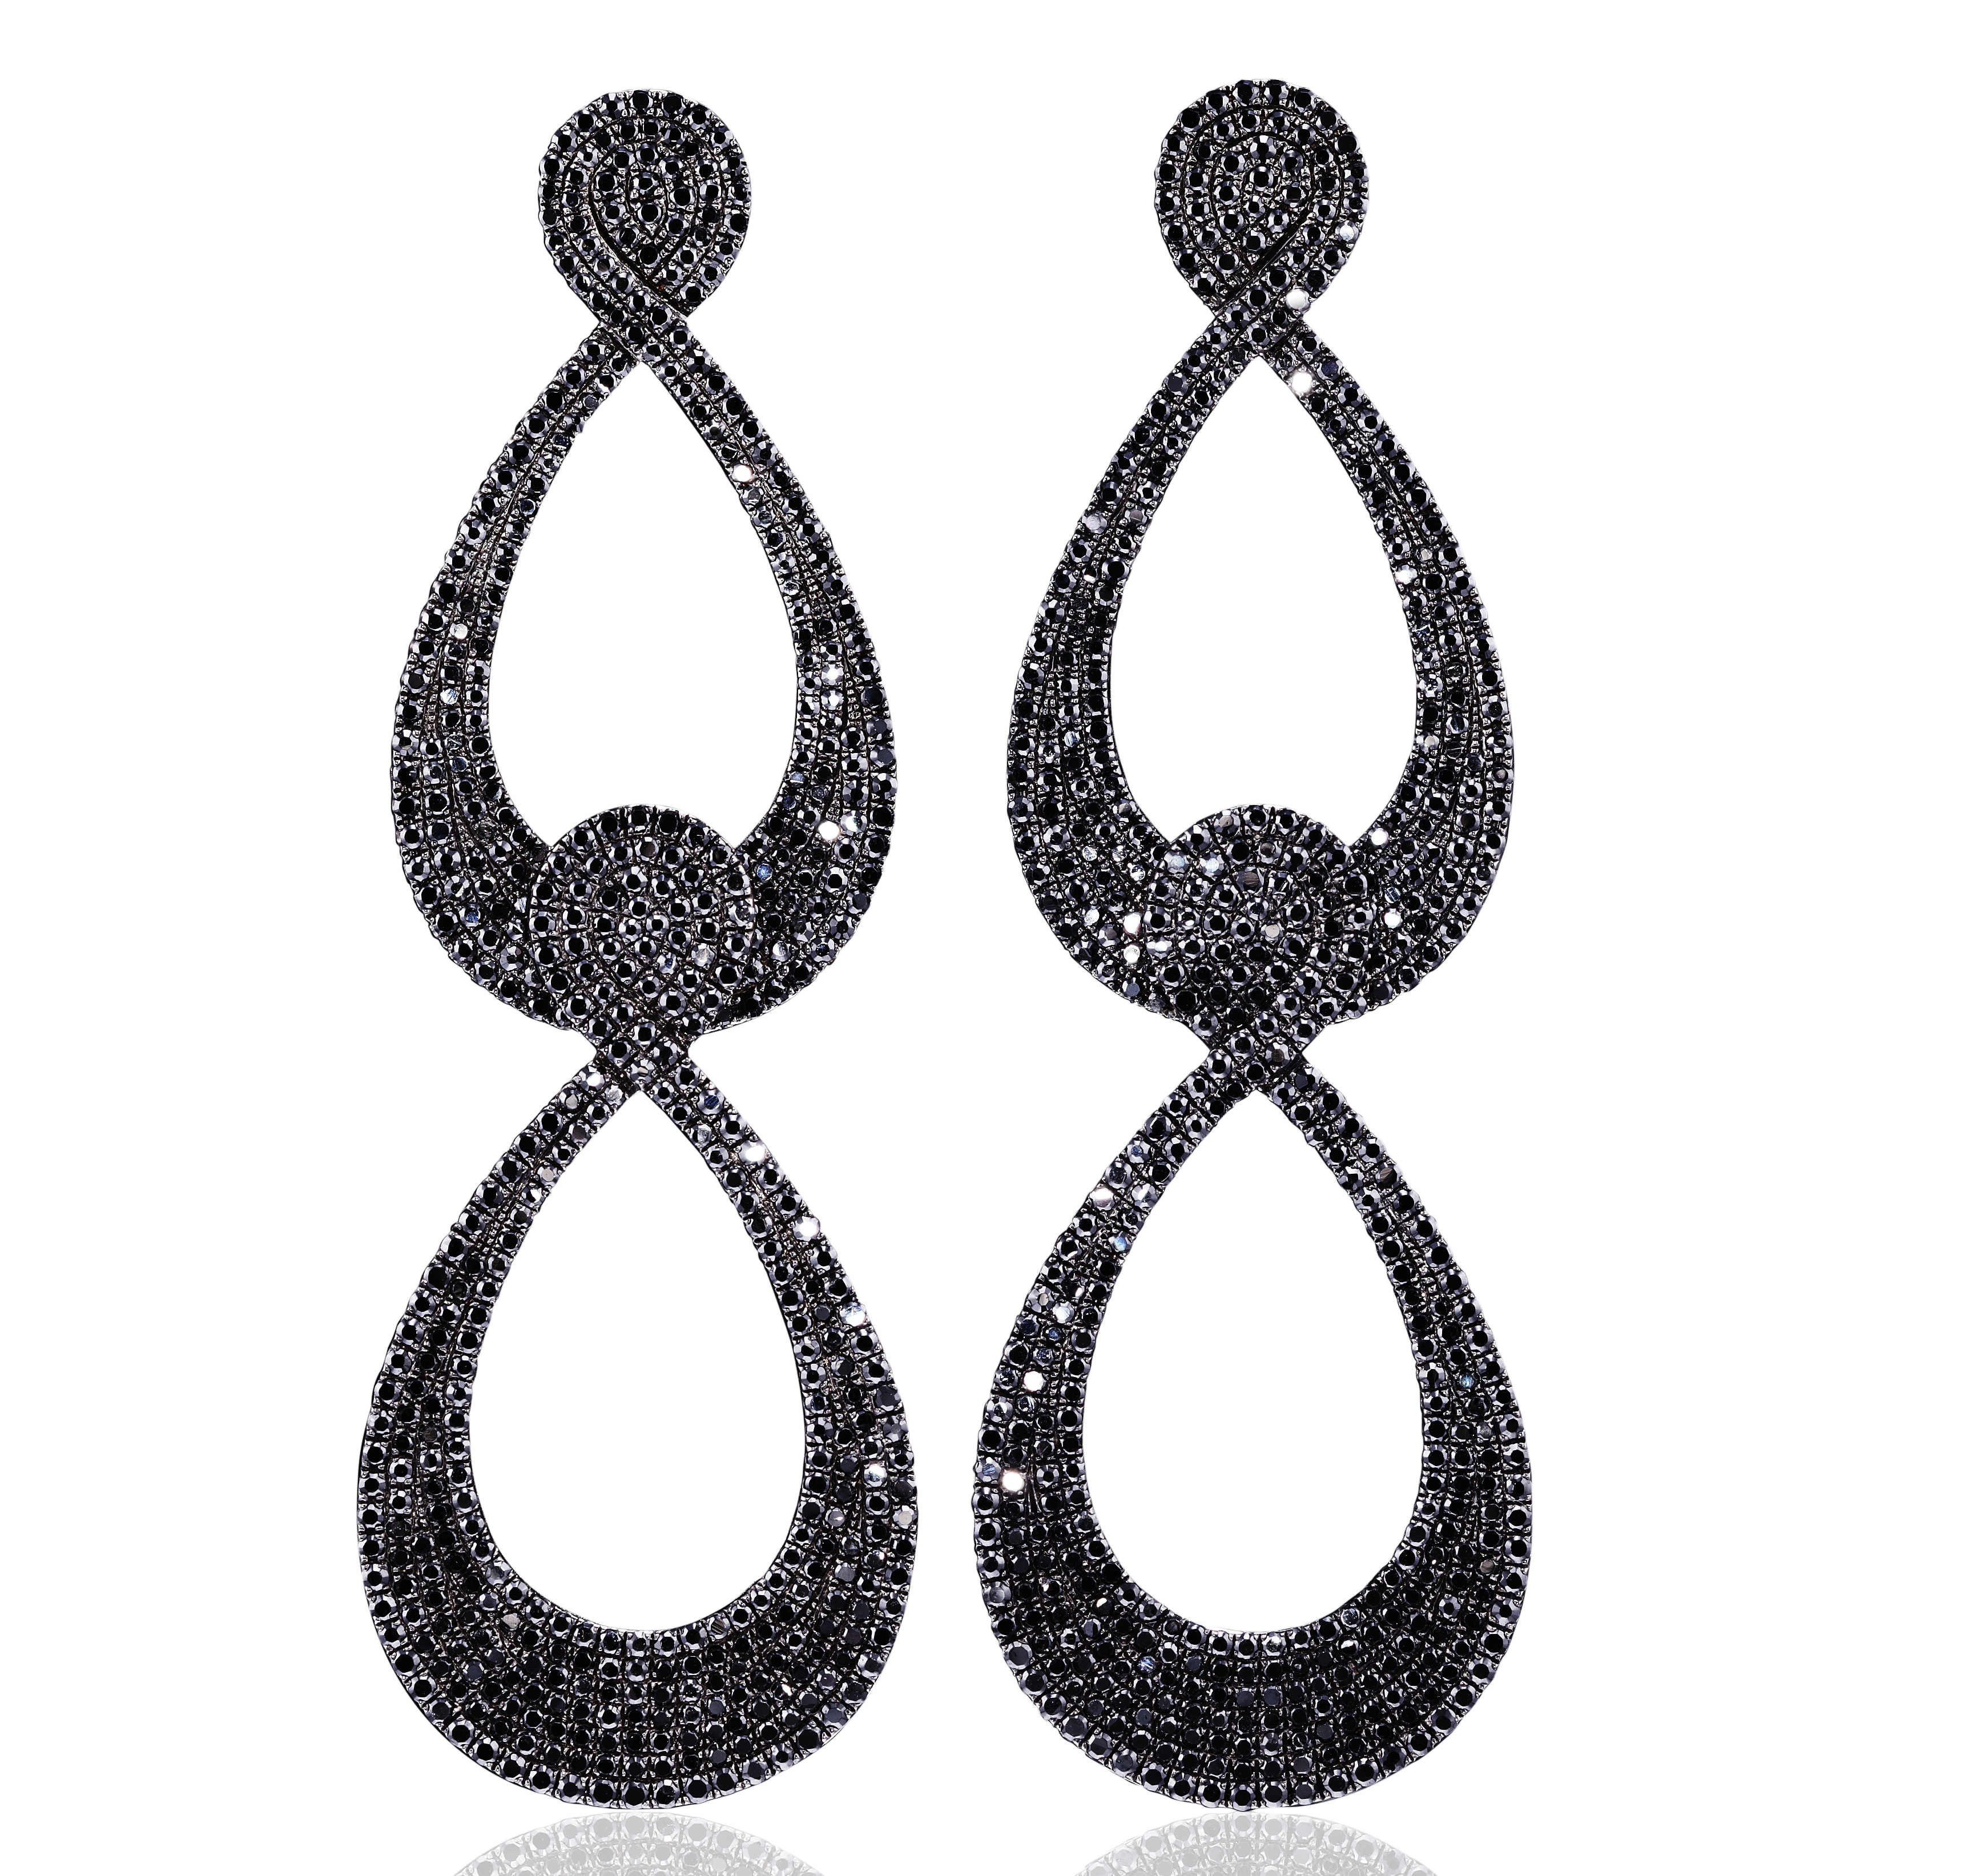 AS29 black diamond earrings | JCK On Your Market